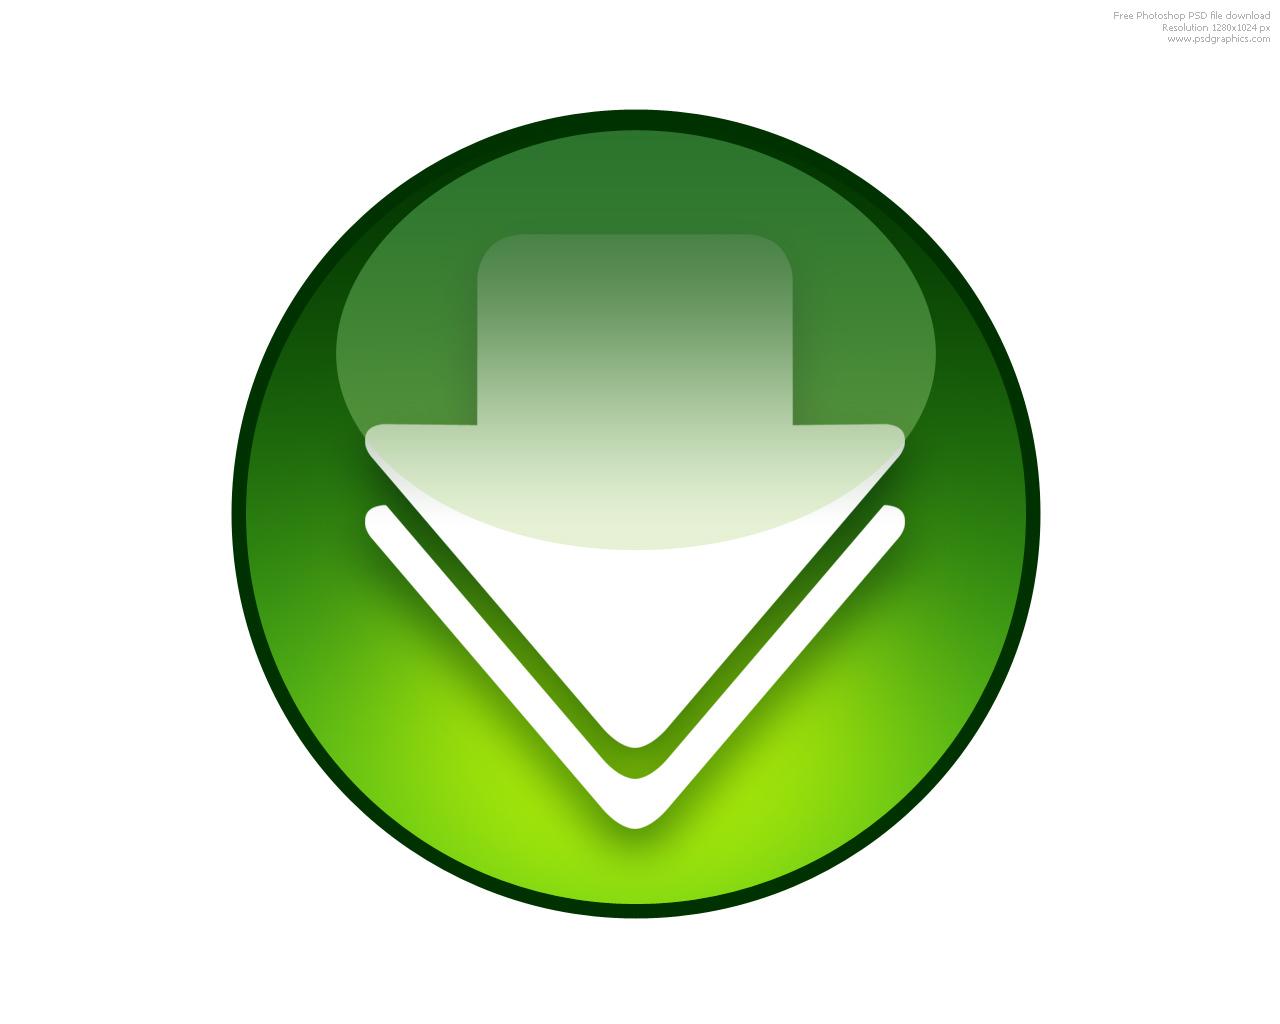 зеленые иконки скачать: